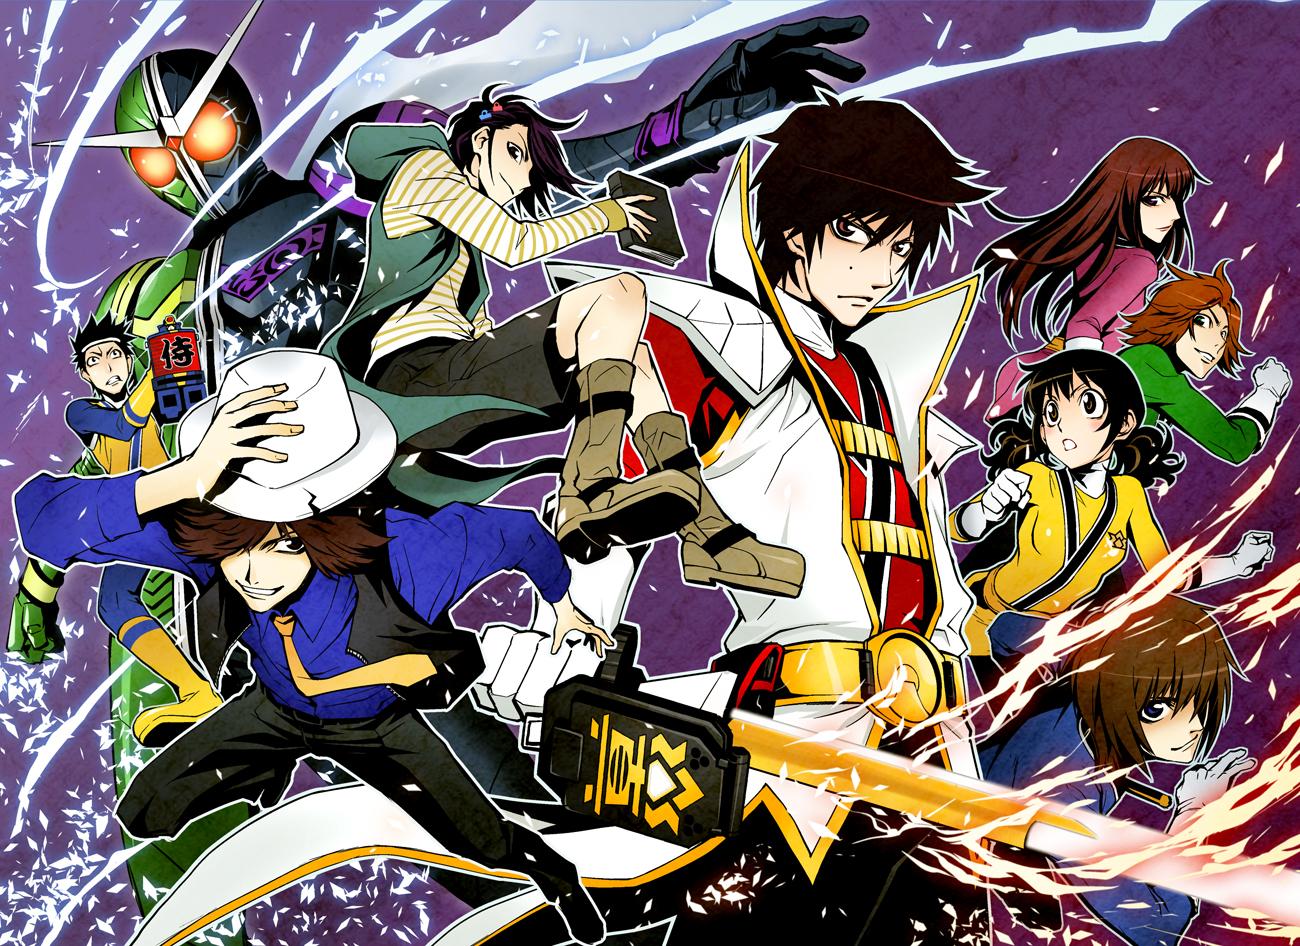 Cross-Over Image #496592 - Zerochan Anime Image Board